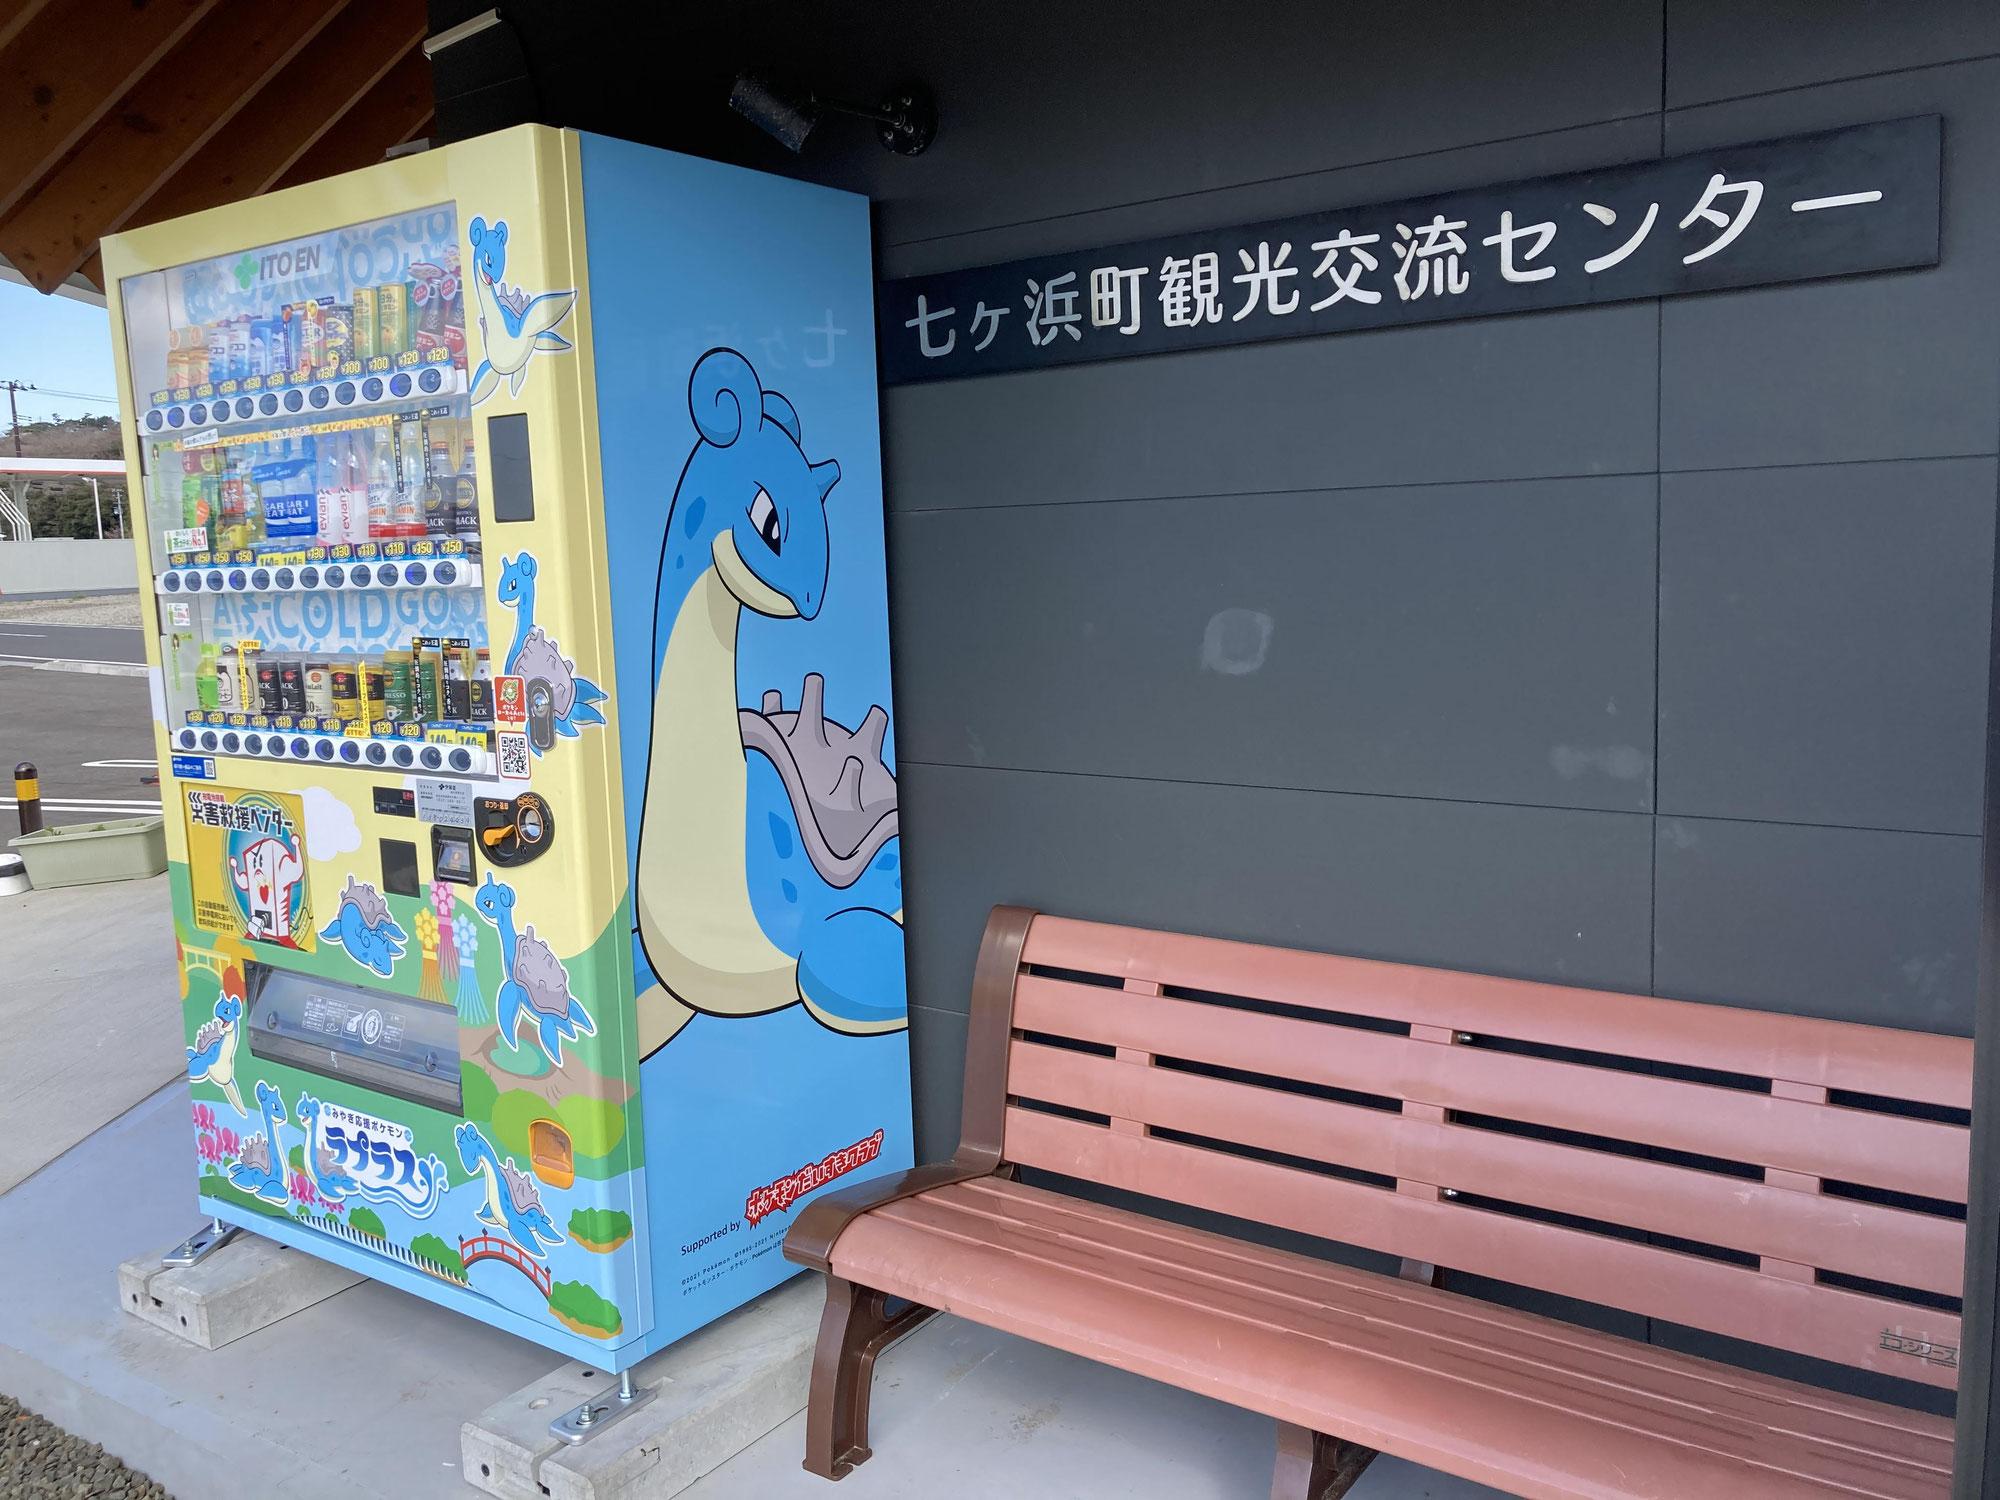 【宮城県内初】宮城推しポケモンラプラス自販機設置!